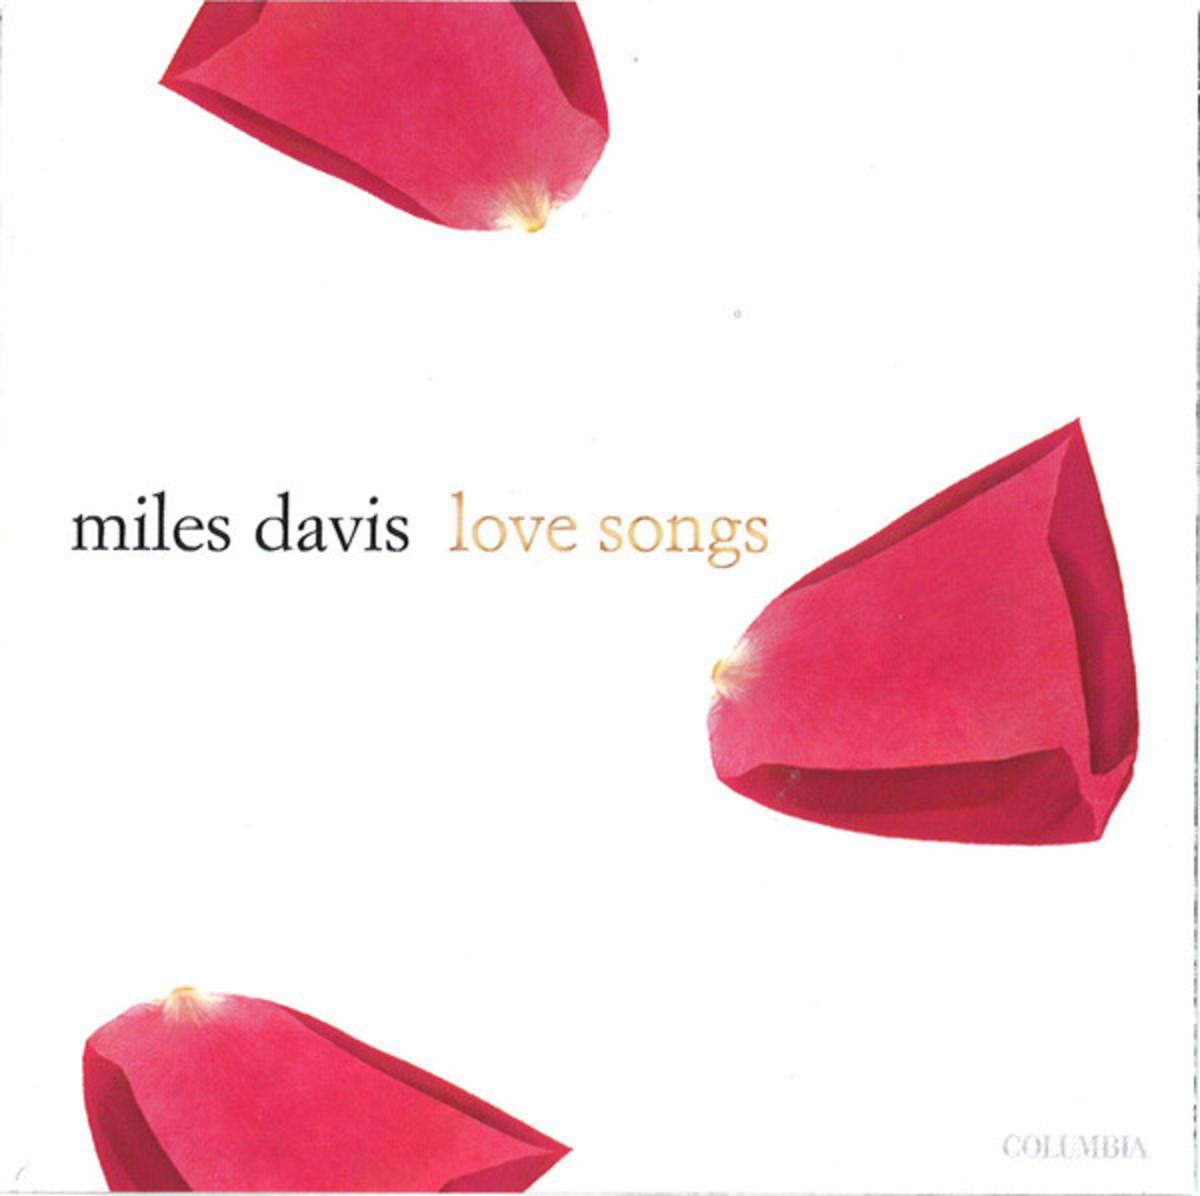 Miles-love songs